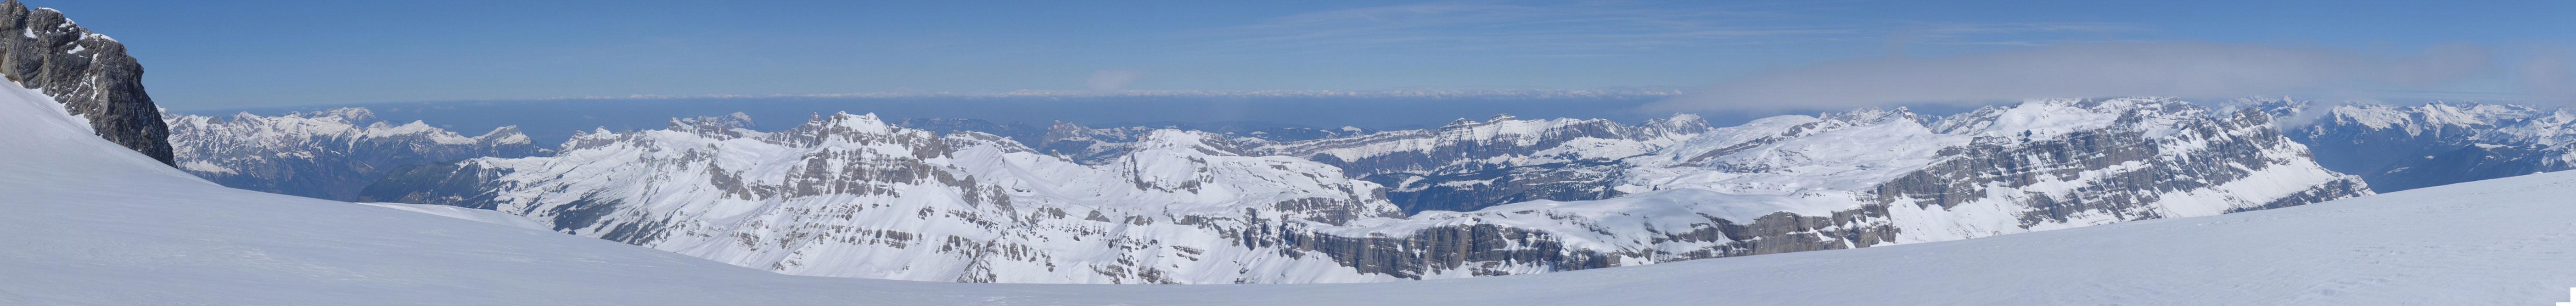 Gross Schärhorn Glarner Alpen Švýcarsko panorama 22